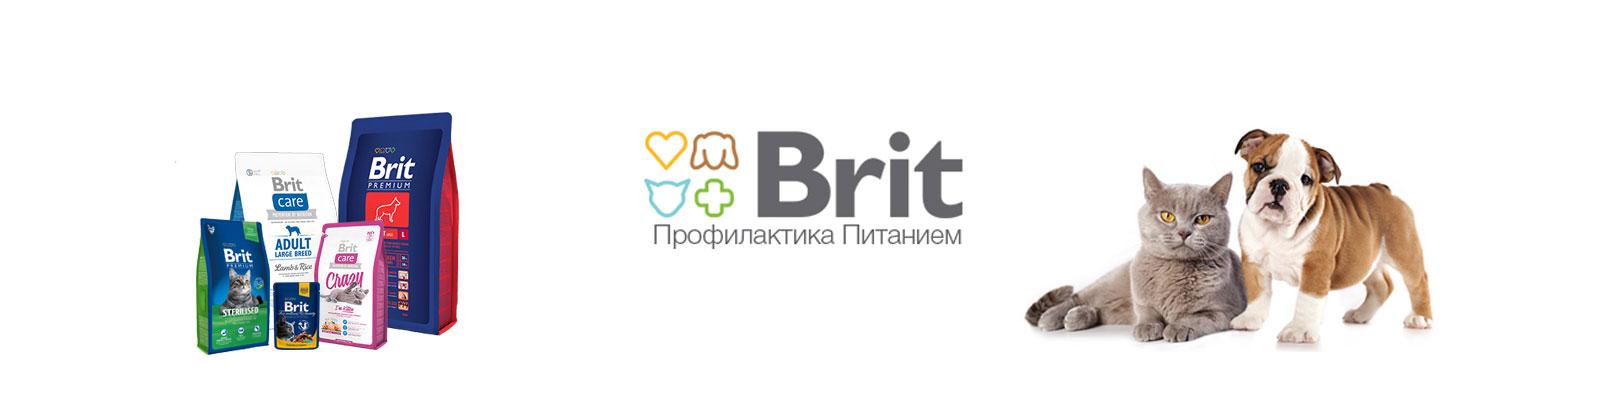 25f500623e3 Интернет-зоомагазин в Иркутске ♢ Интернет-магазин для животных Иркутск